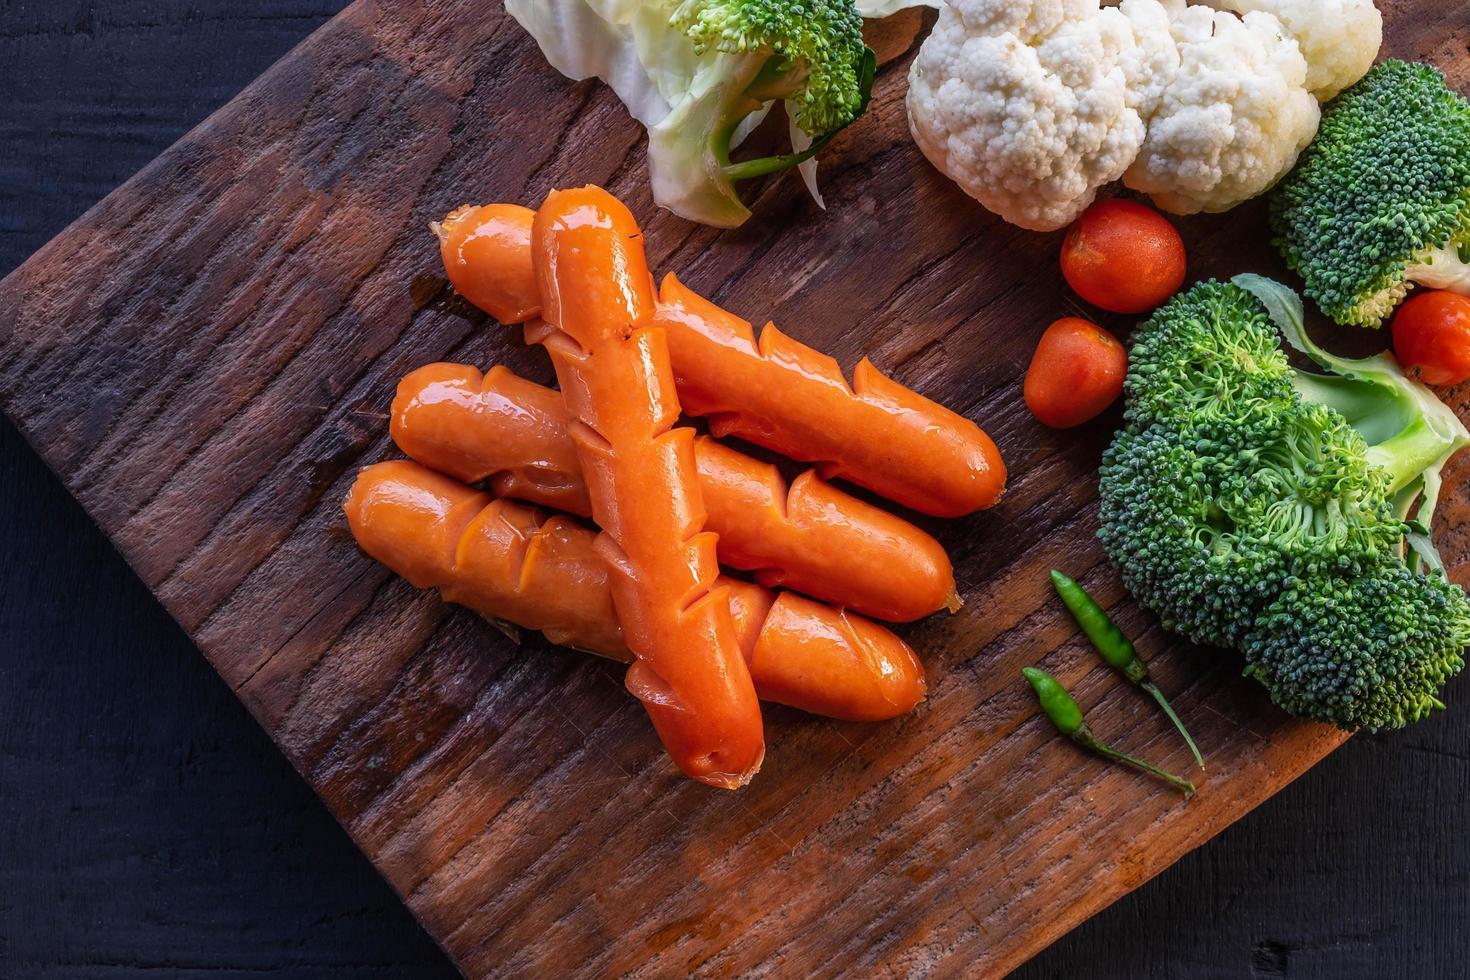 korv och grönsaker foto